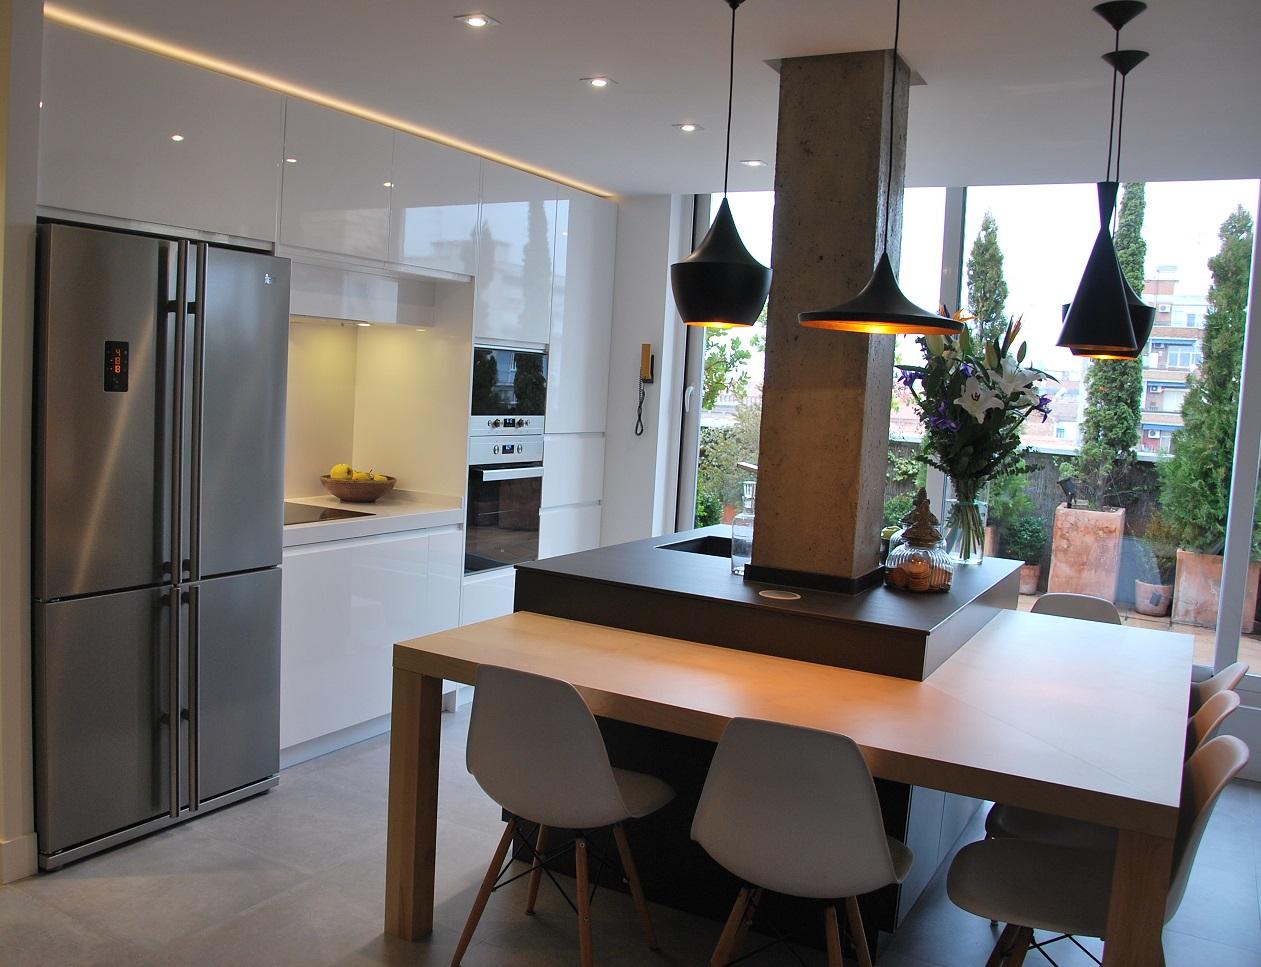 Incorporar cocina al sal n for Cocina y salon integrados